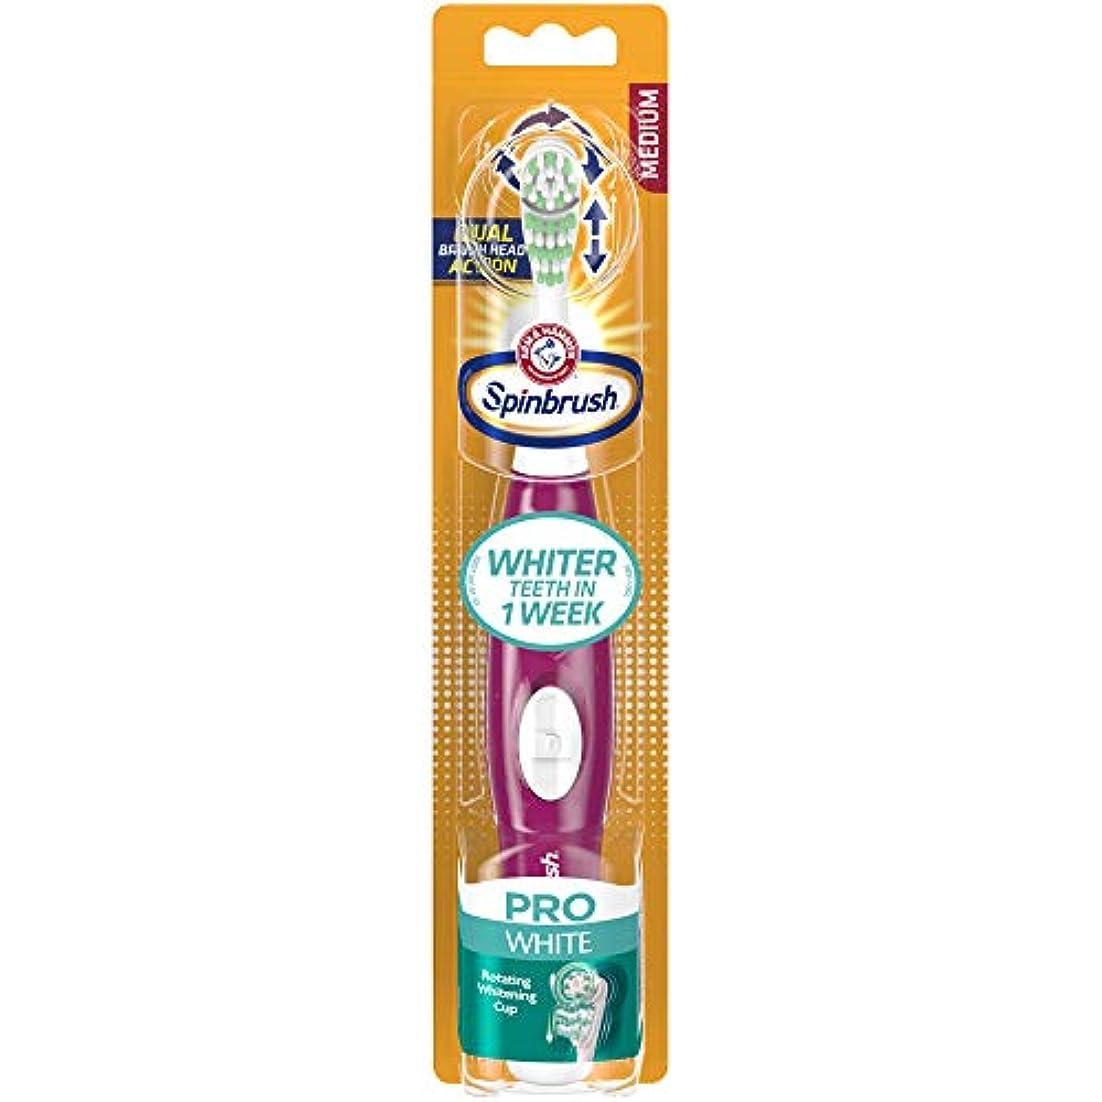 霧ピボット寛容Spinbrush プロシリーズウルトラホワイト歯ブラシ、中1 Eaは 中